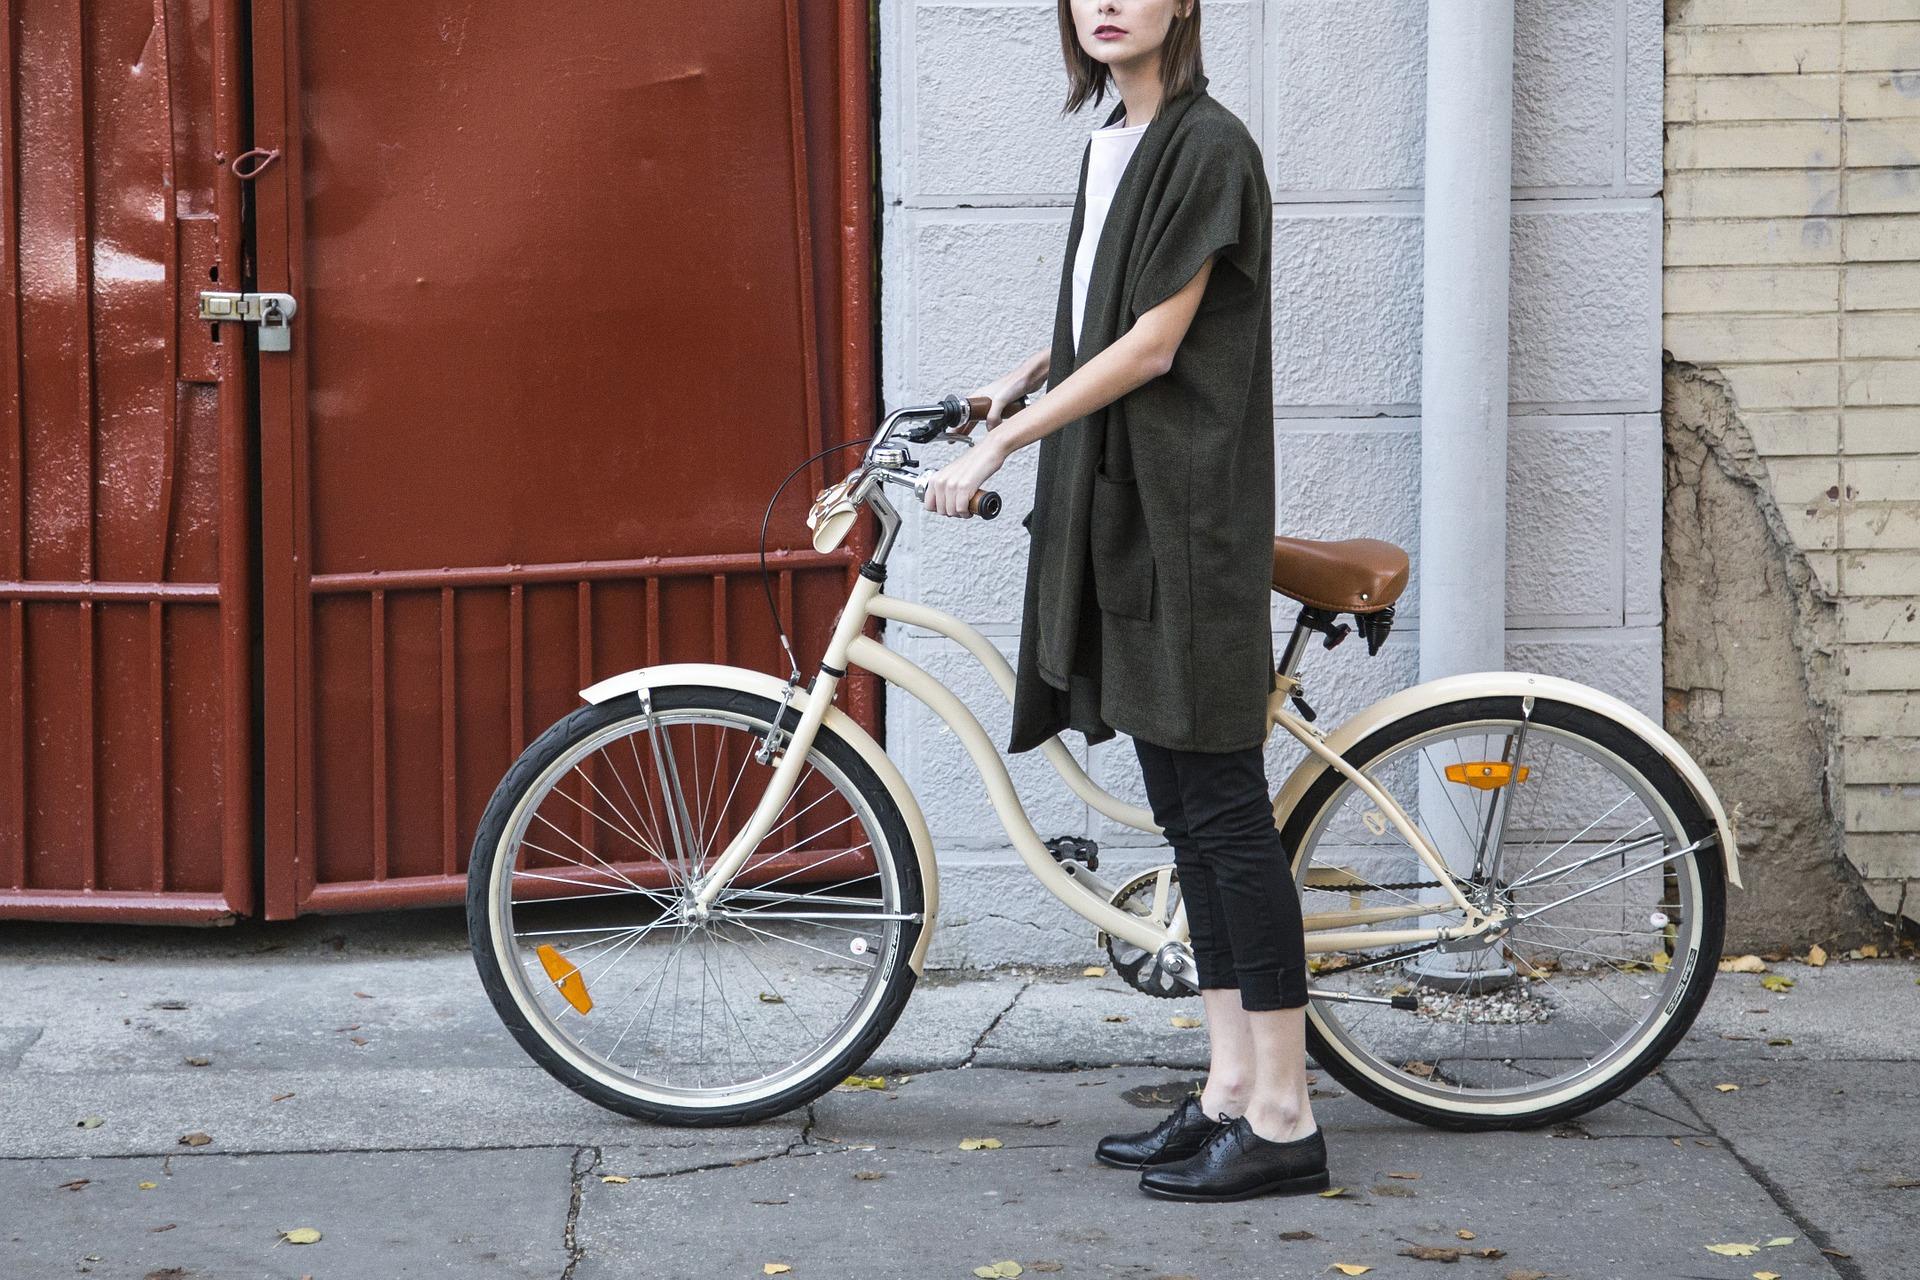 太もも,筋肉,自転車,細く